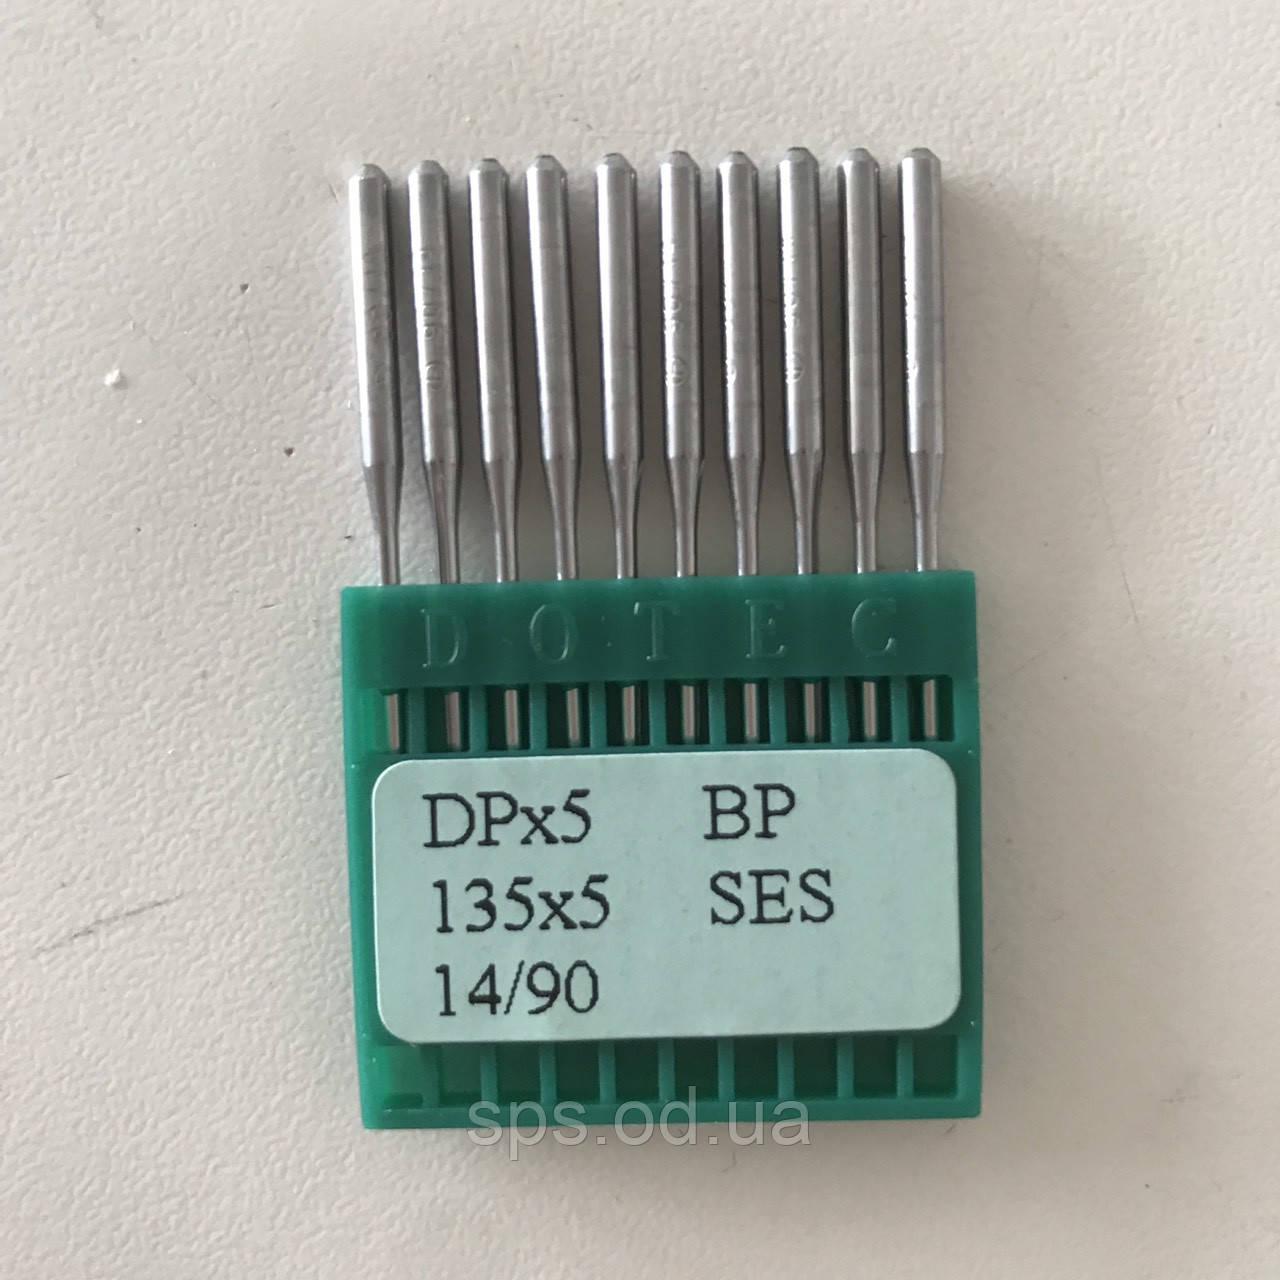 DP*5 BP 135*5 SES 14\90